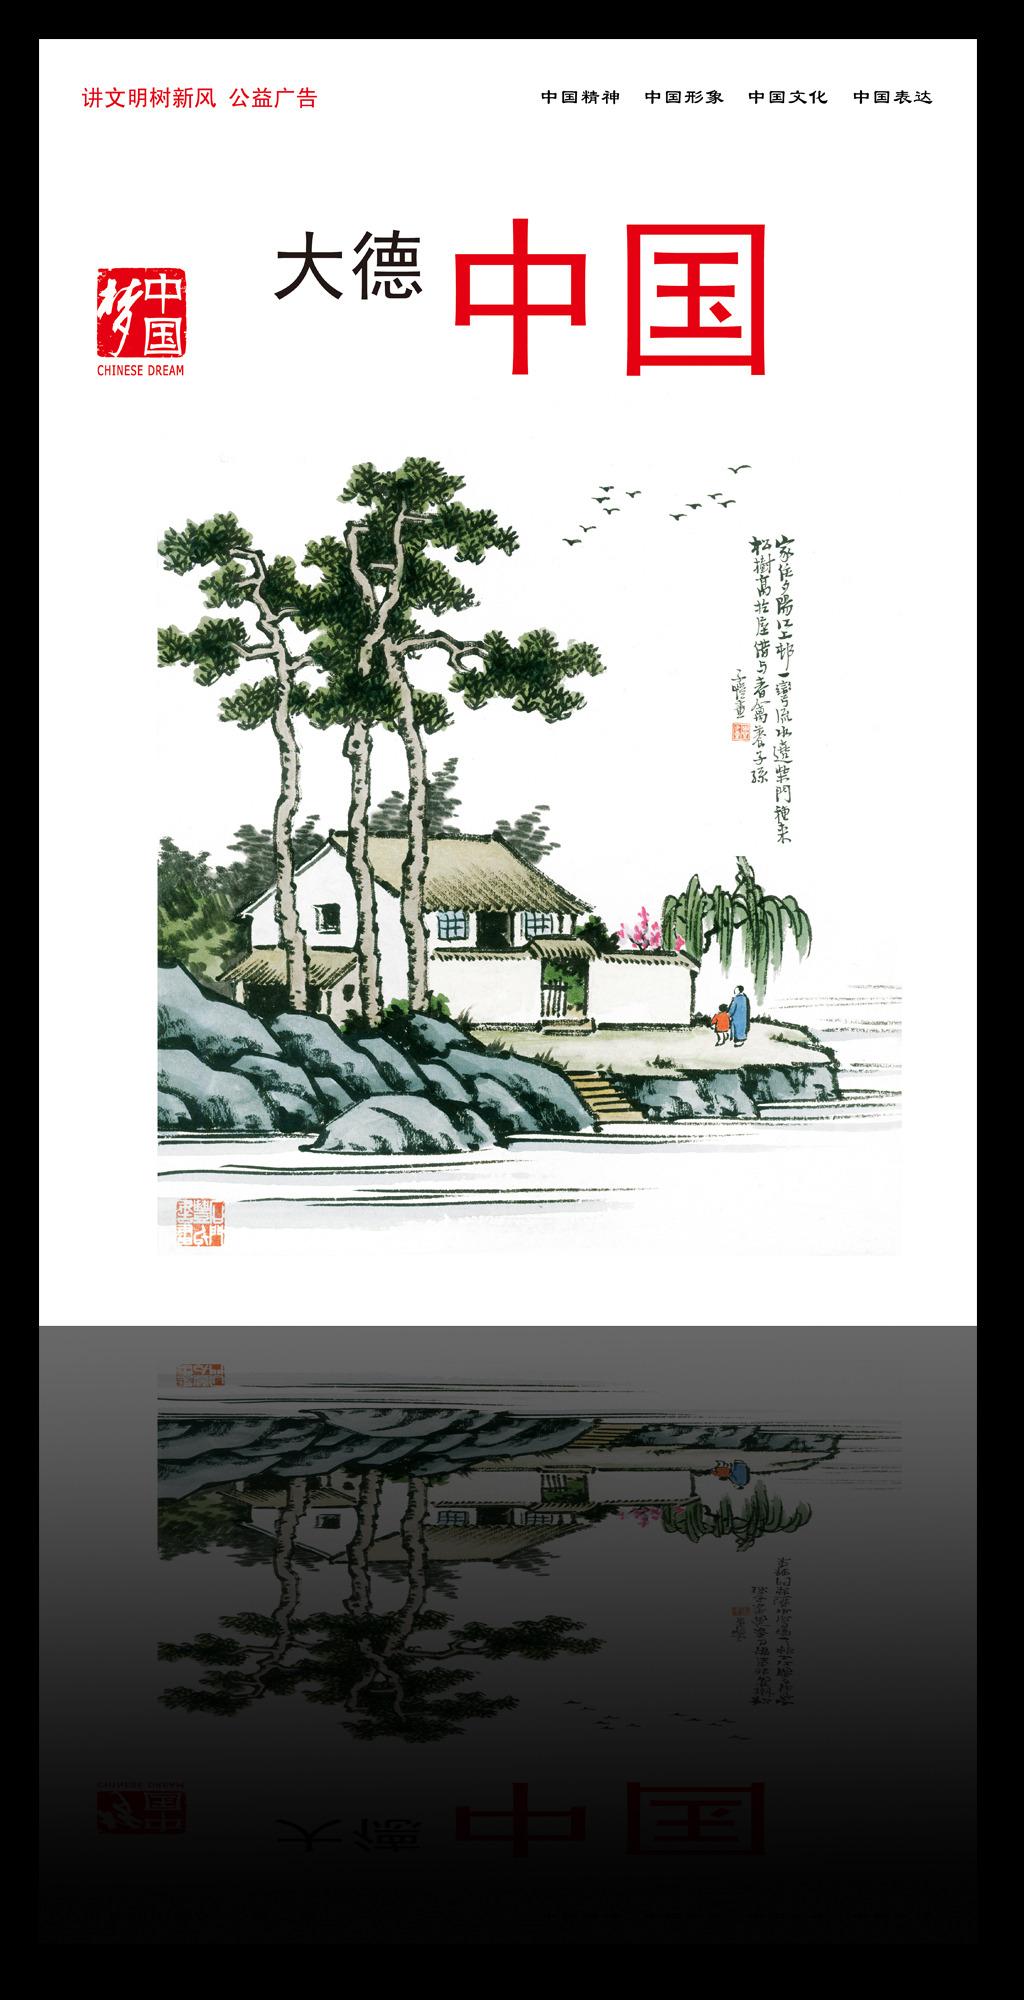 海报 社区宣传 传统文化素材